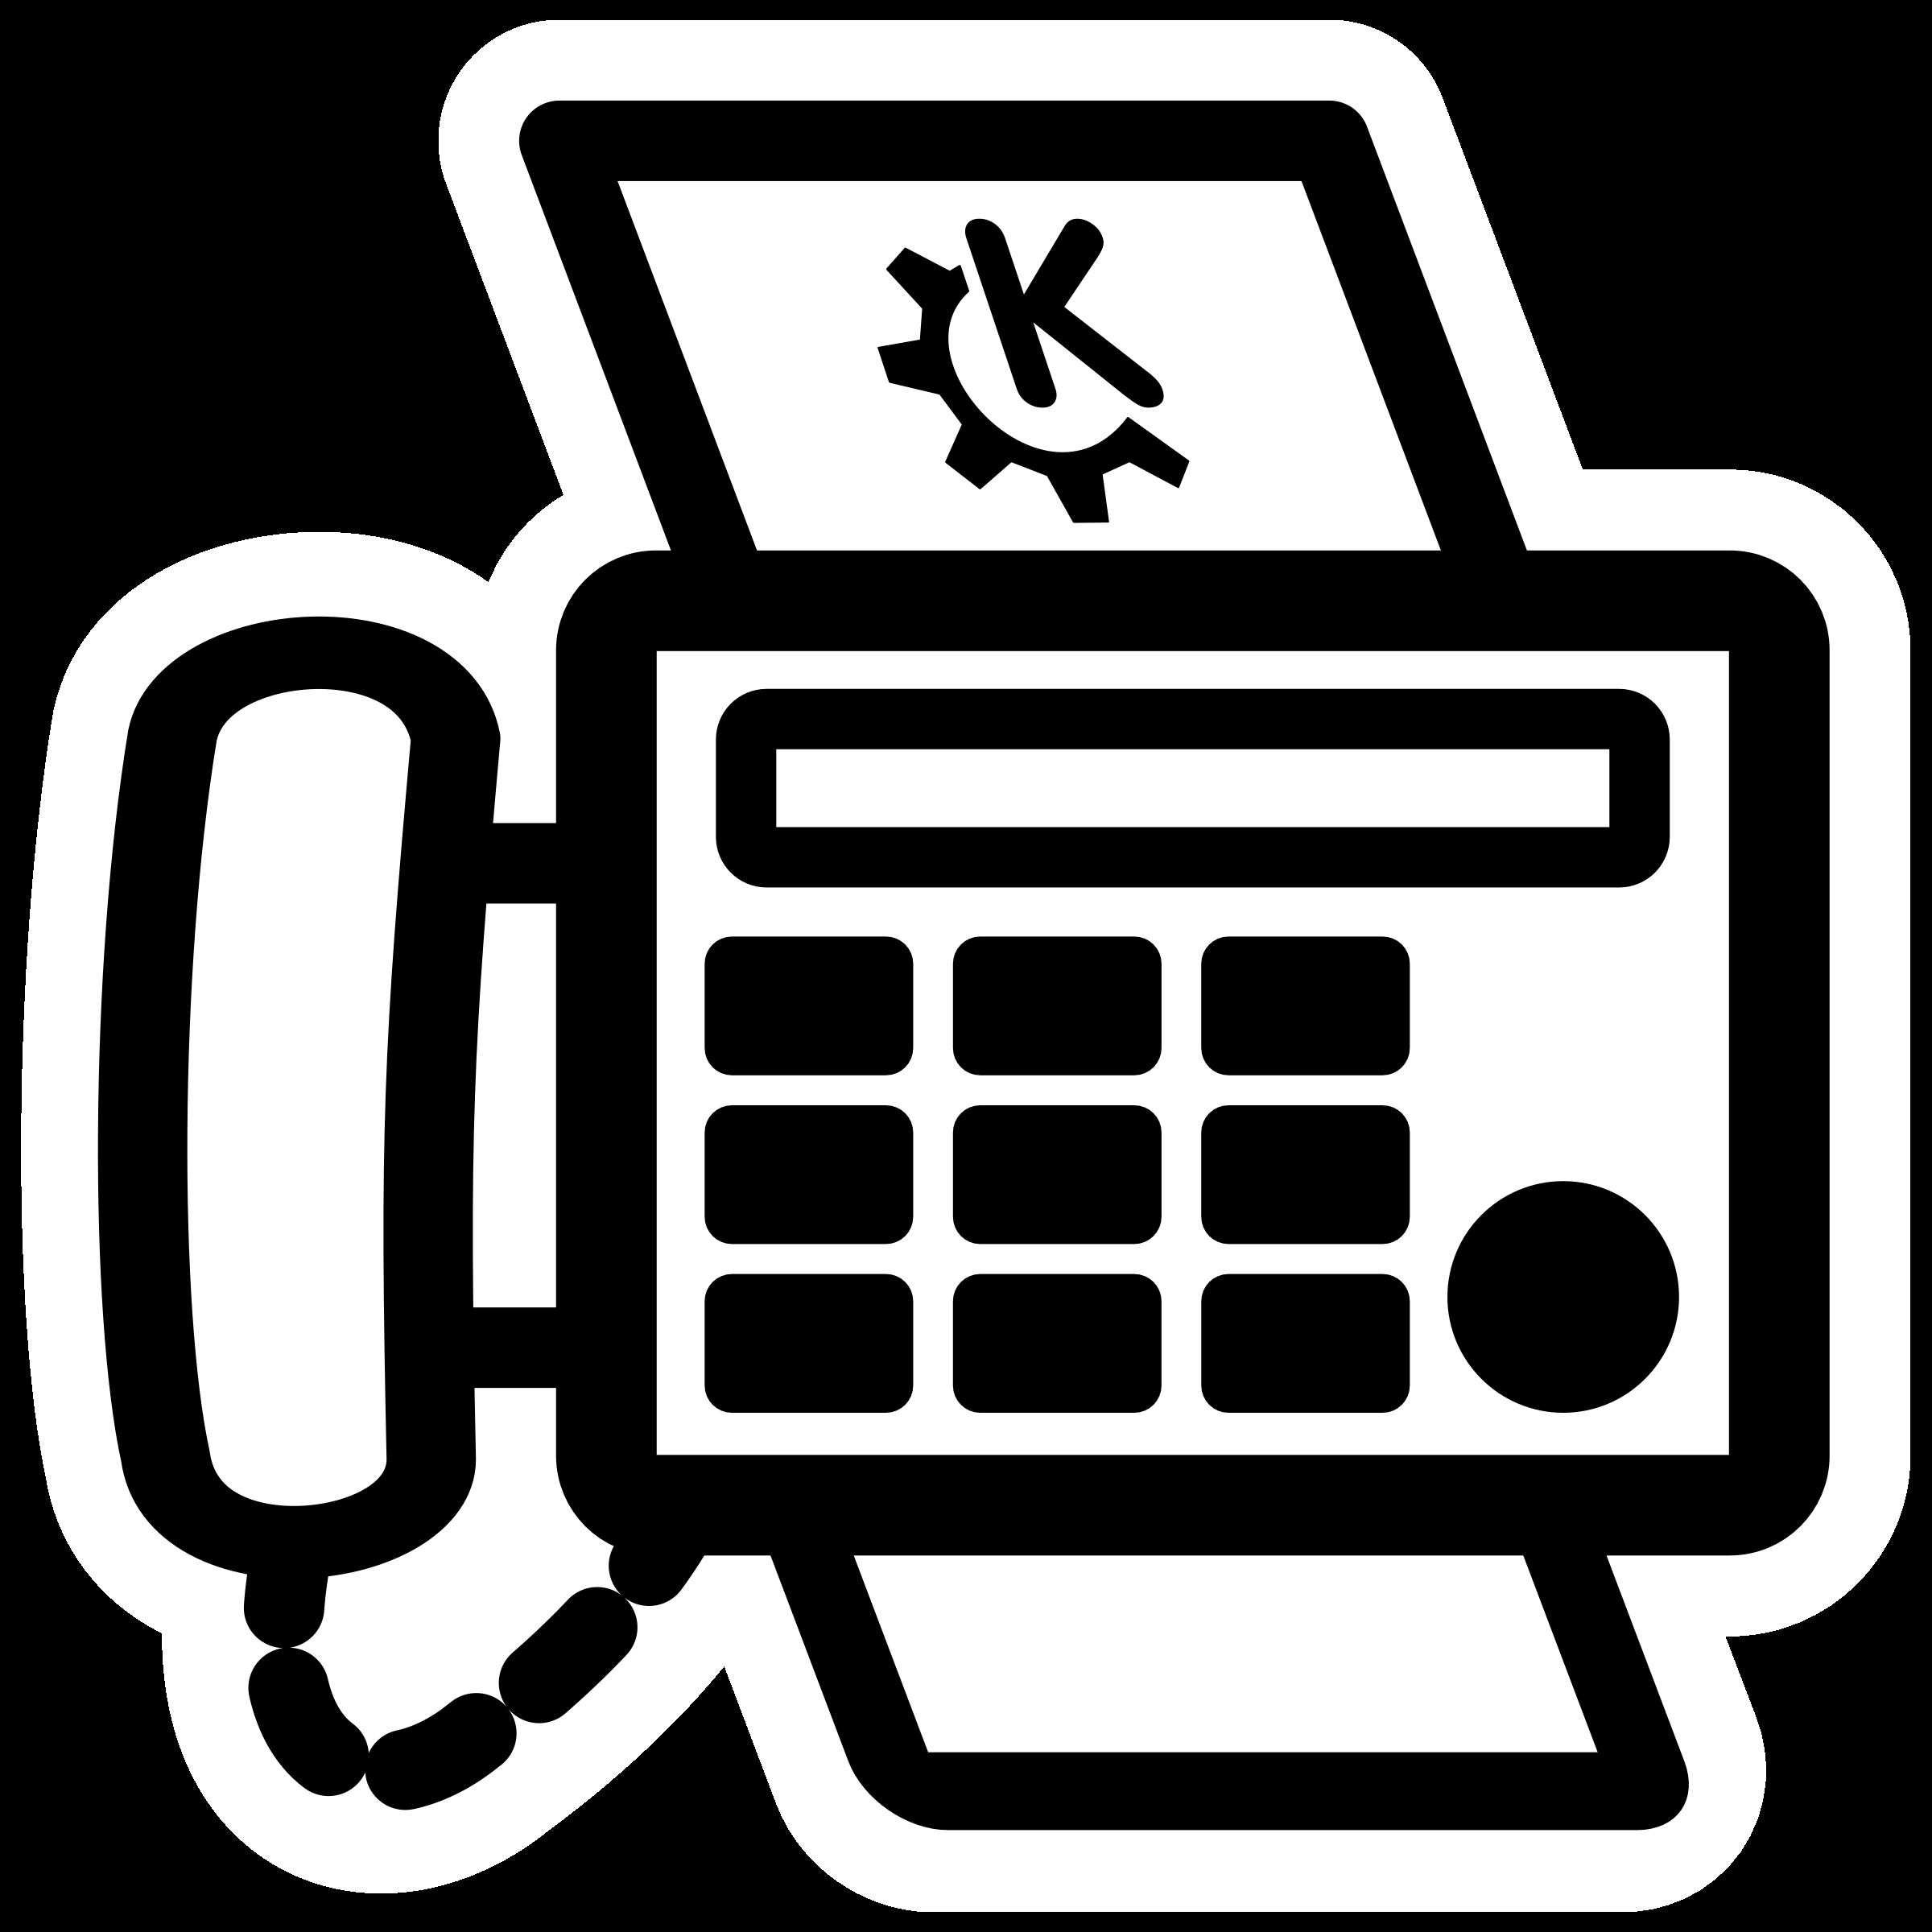 Clipart fax symbol.